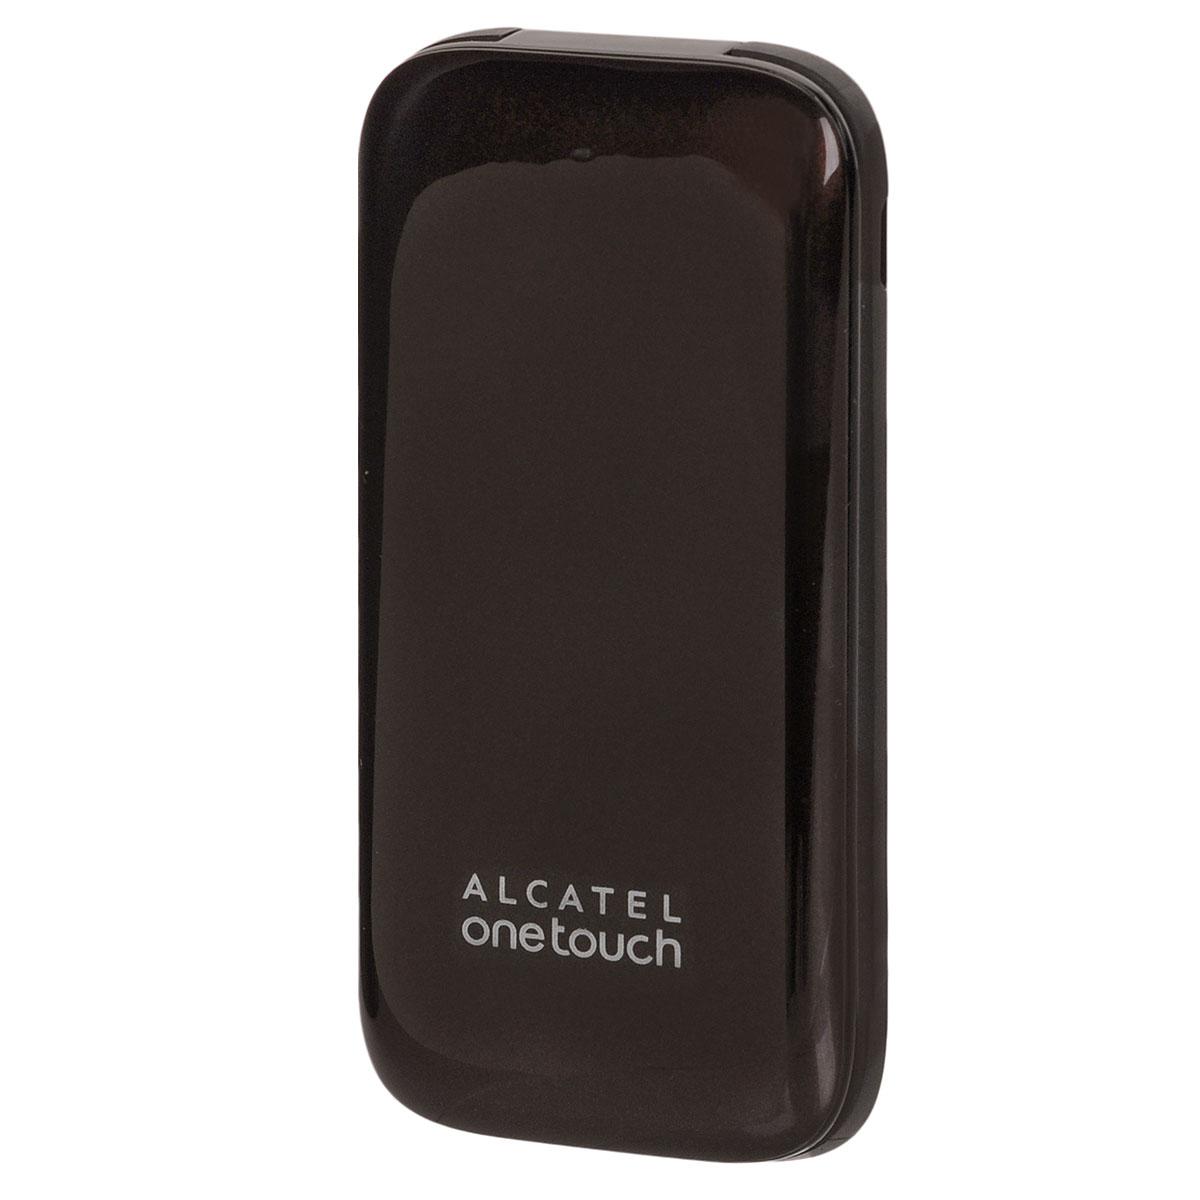 Alcatel OT-1035D Dual Sim, Dark Chocolate1035D-2AALRU1-1Мобильный телефон-раскладушка Alcatel OT-1035D с поддержкой 2 SIM-карт. Модель имеет ЖК-экран с диагональю 1.8 и разрешением 128х160 точек. Телефон оснащен встроенным аудиоплеером и FM радиоприемником с функцией RDS. Встроенная память: 32 МБ Телефон сертифицирован Ростест и имеет русифицированную клавиатуру, меню и Руководство пользователя.